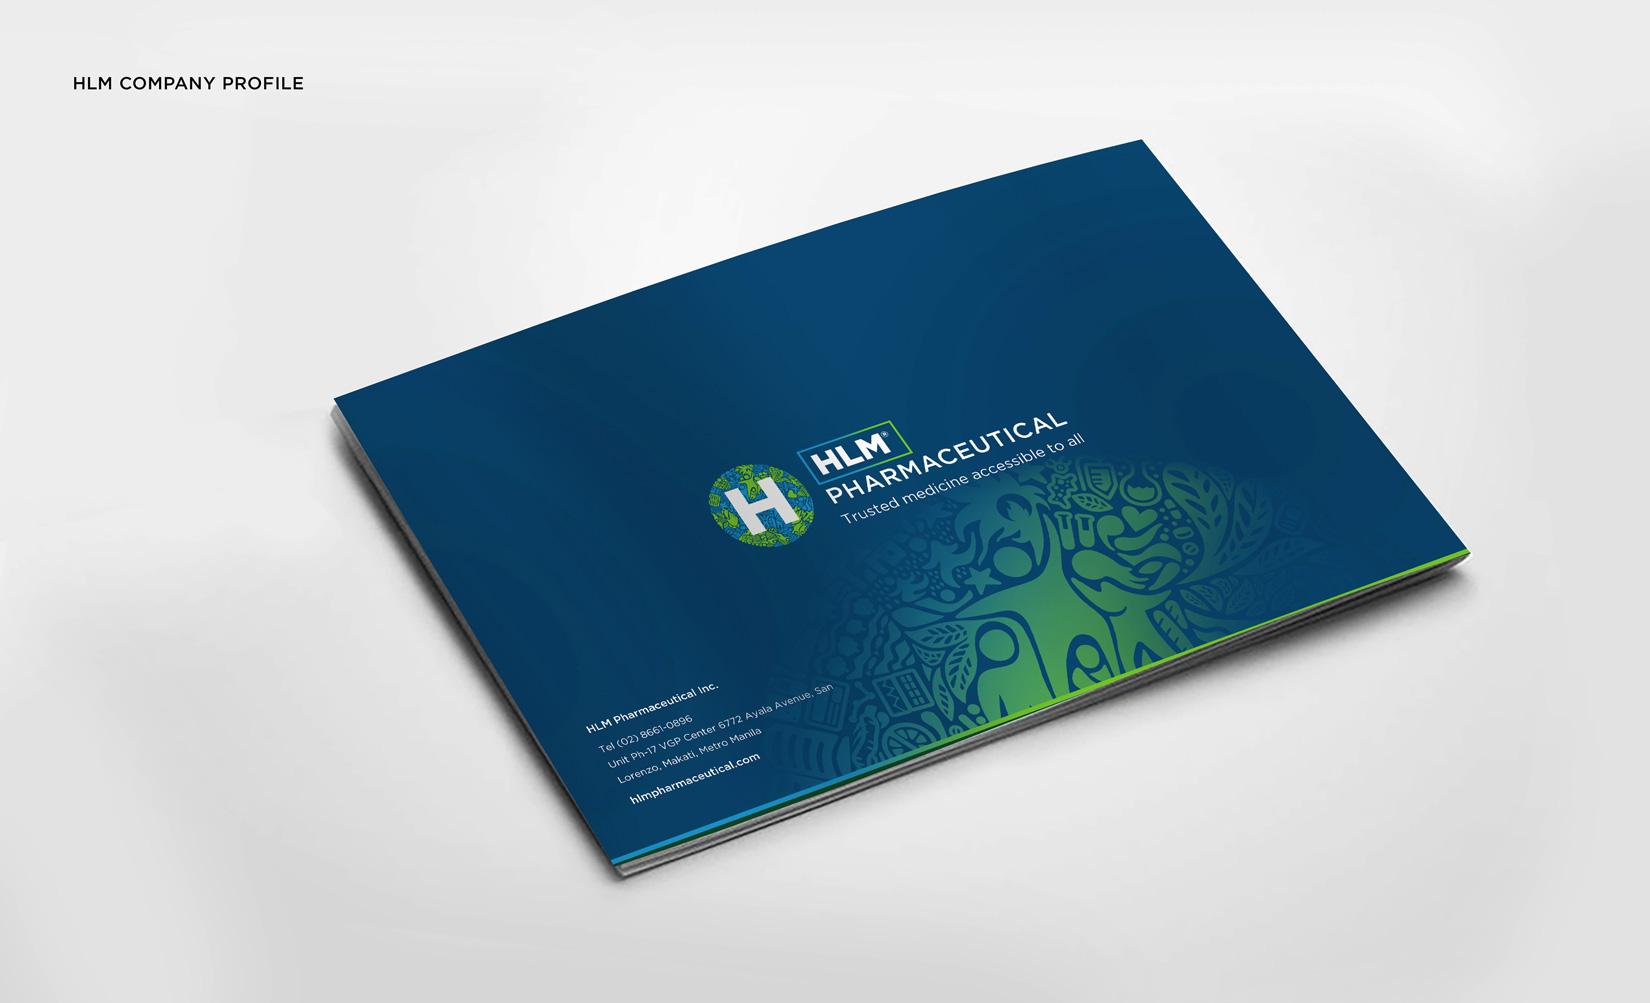 HLM-Pharma-9-E